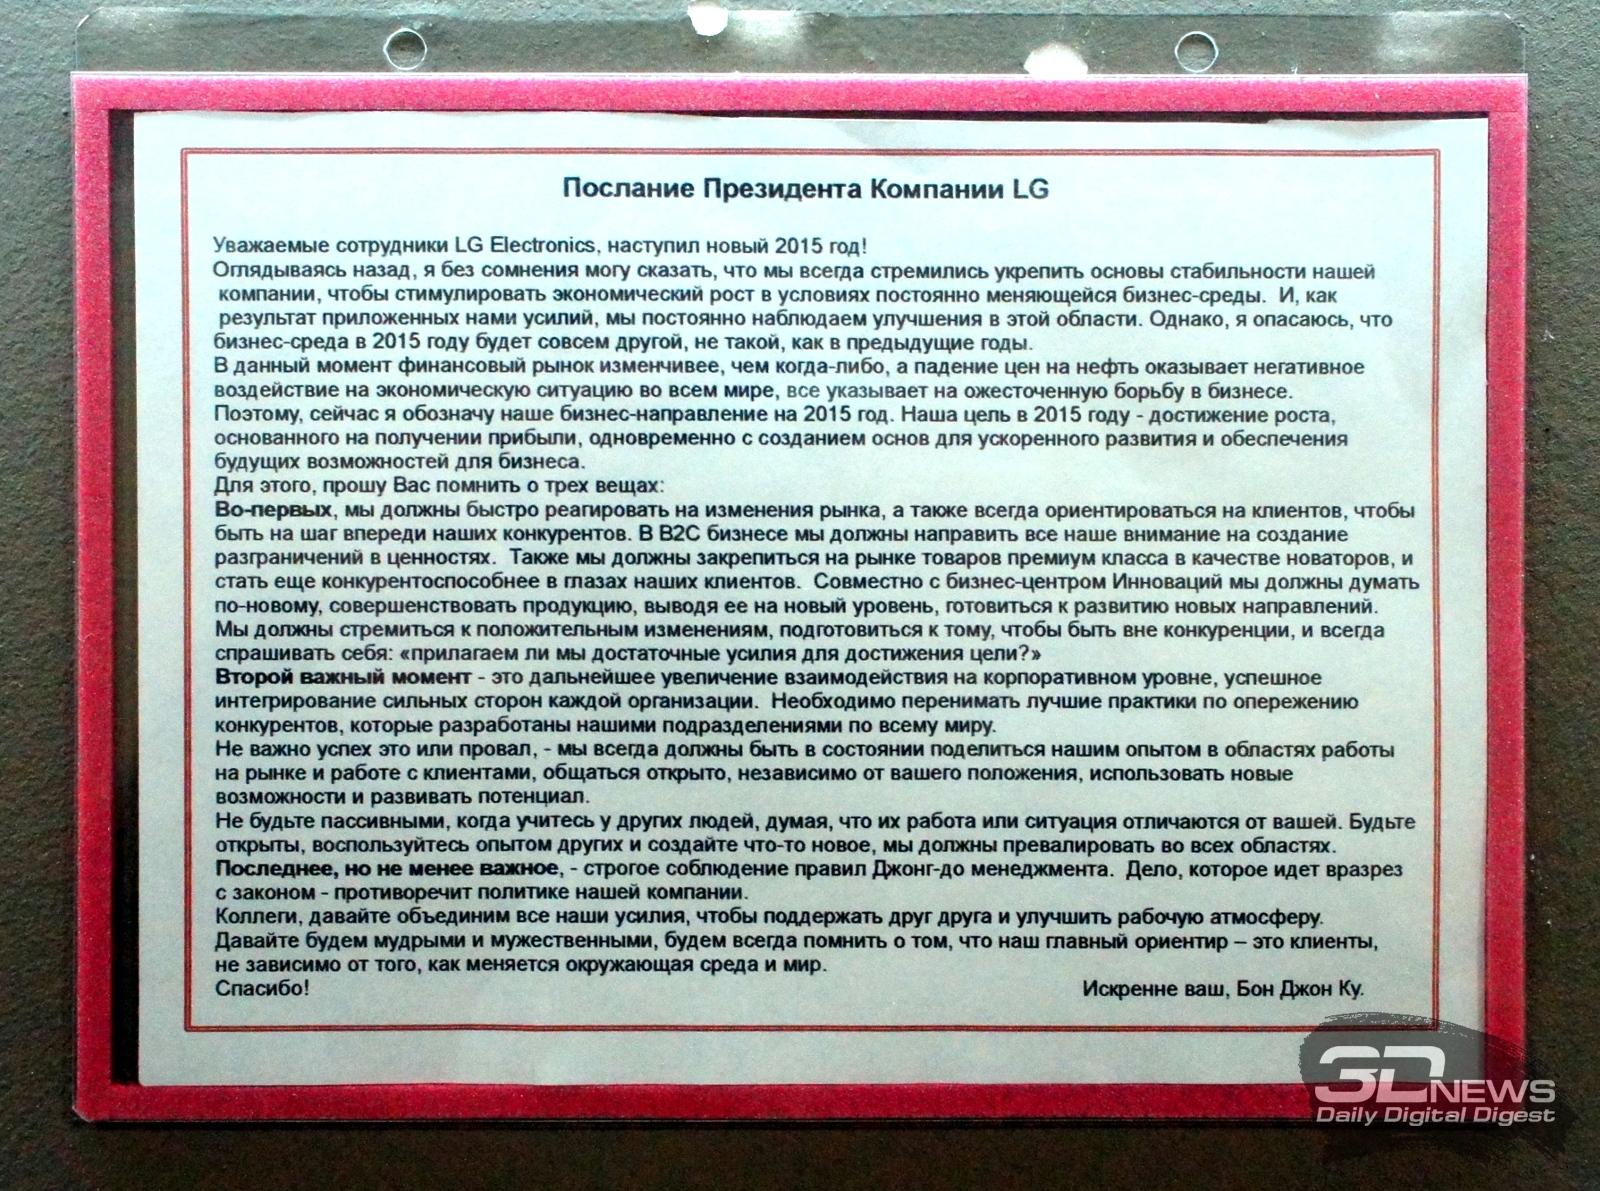 инструкция на русском языке для стиральной машины electrolux ewt 13420 w-ewt 10420w